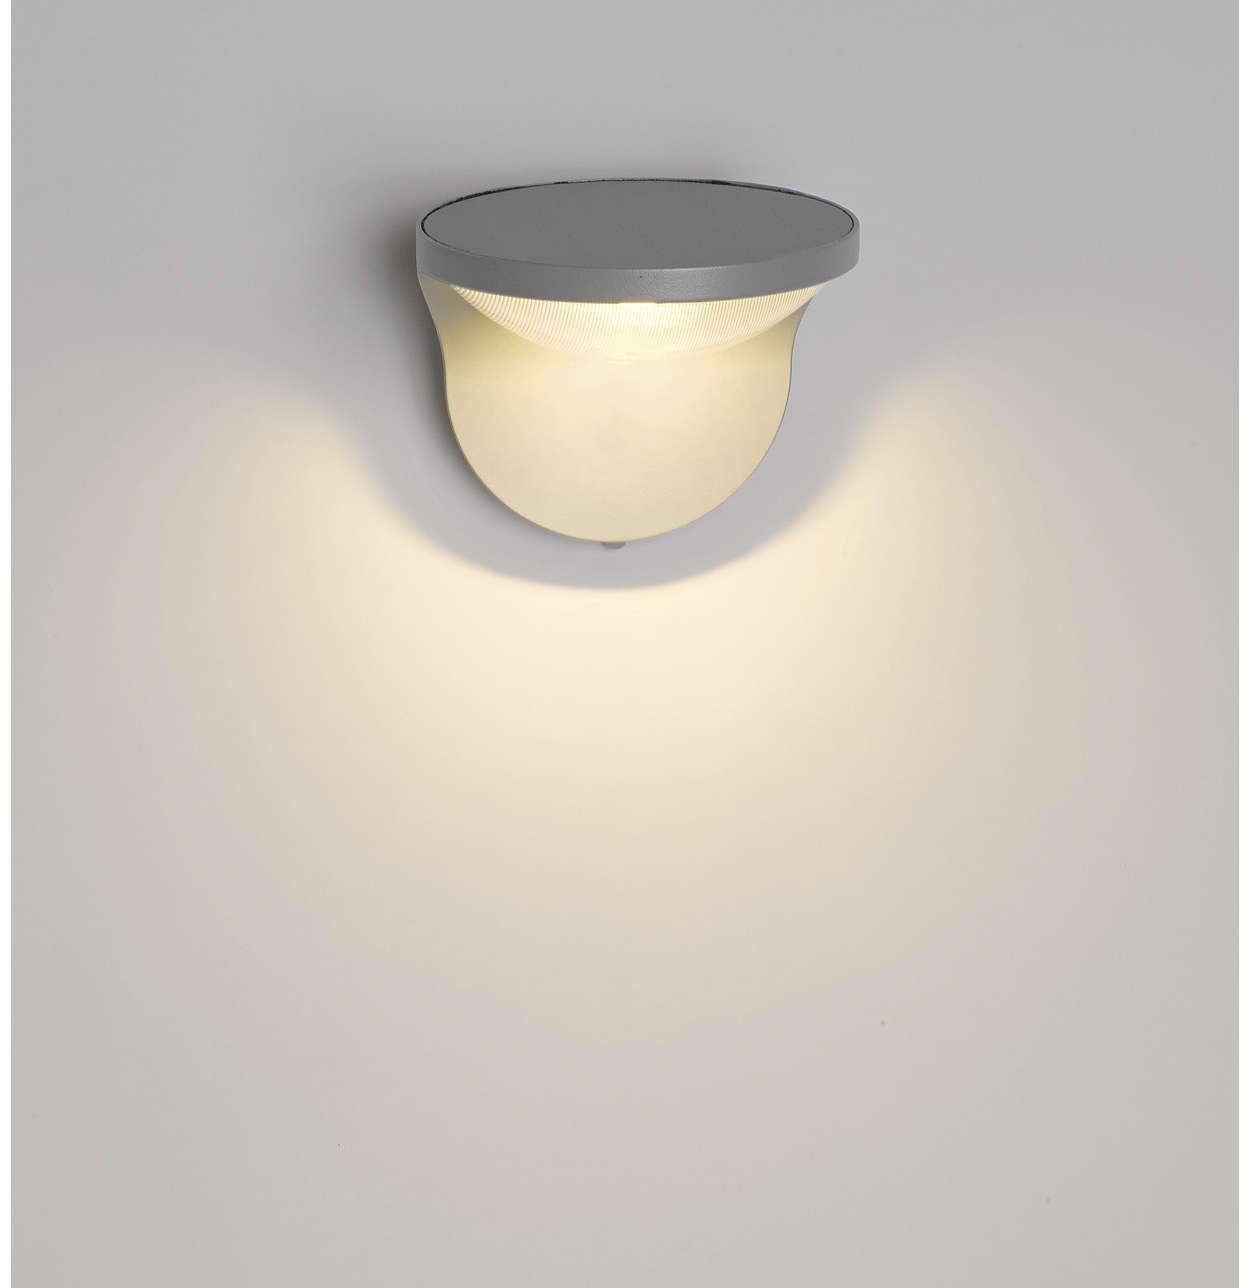 Wandlamp 178078716 | Philips